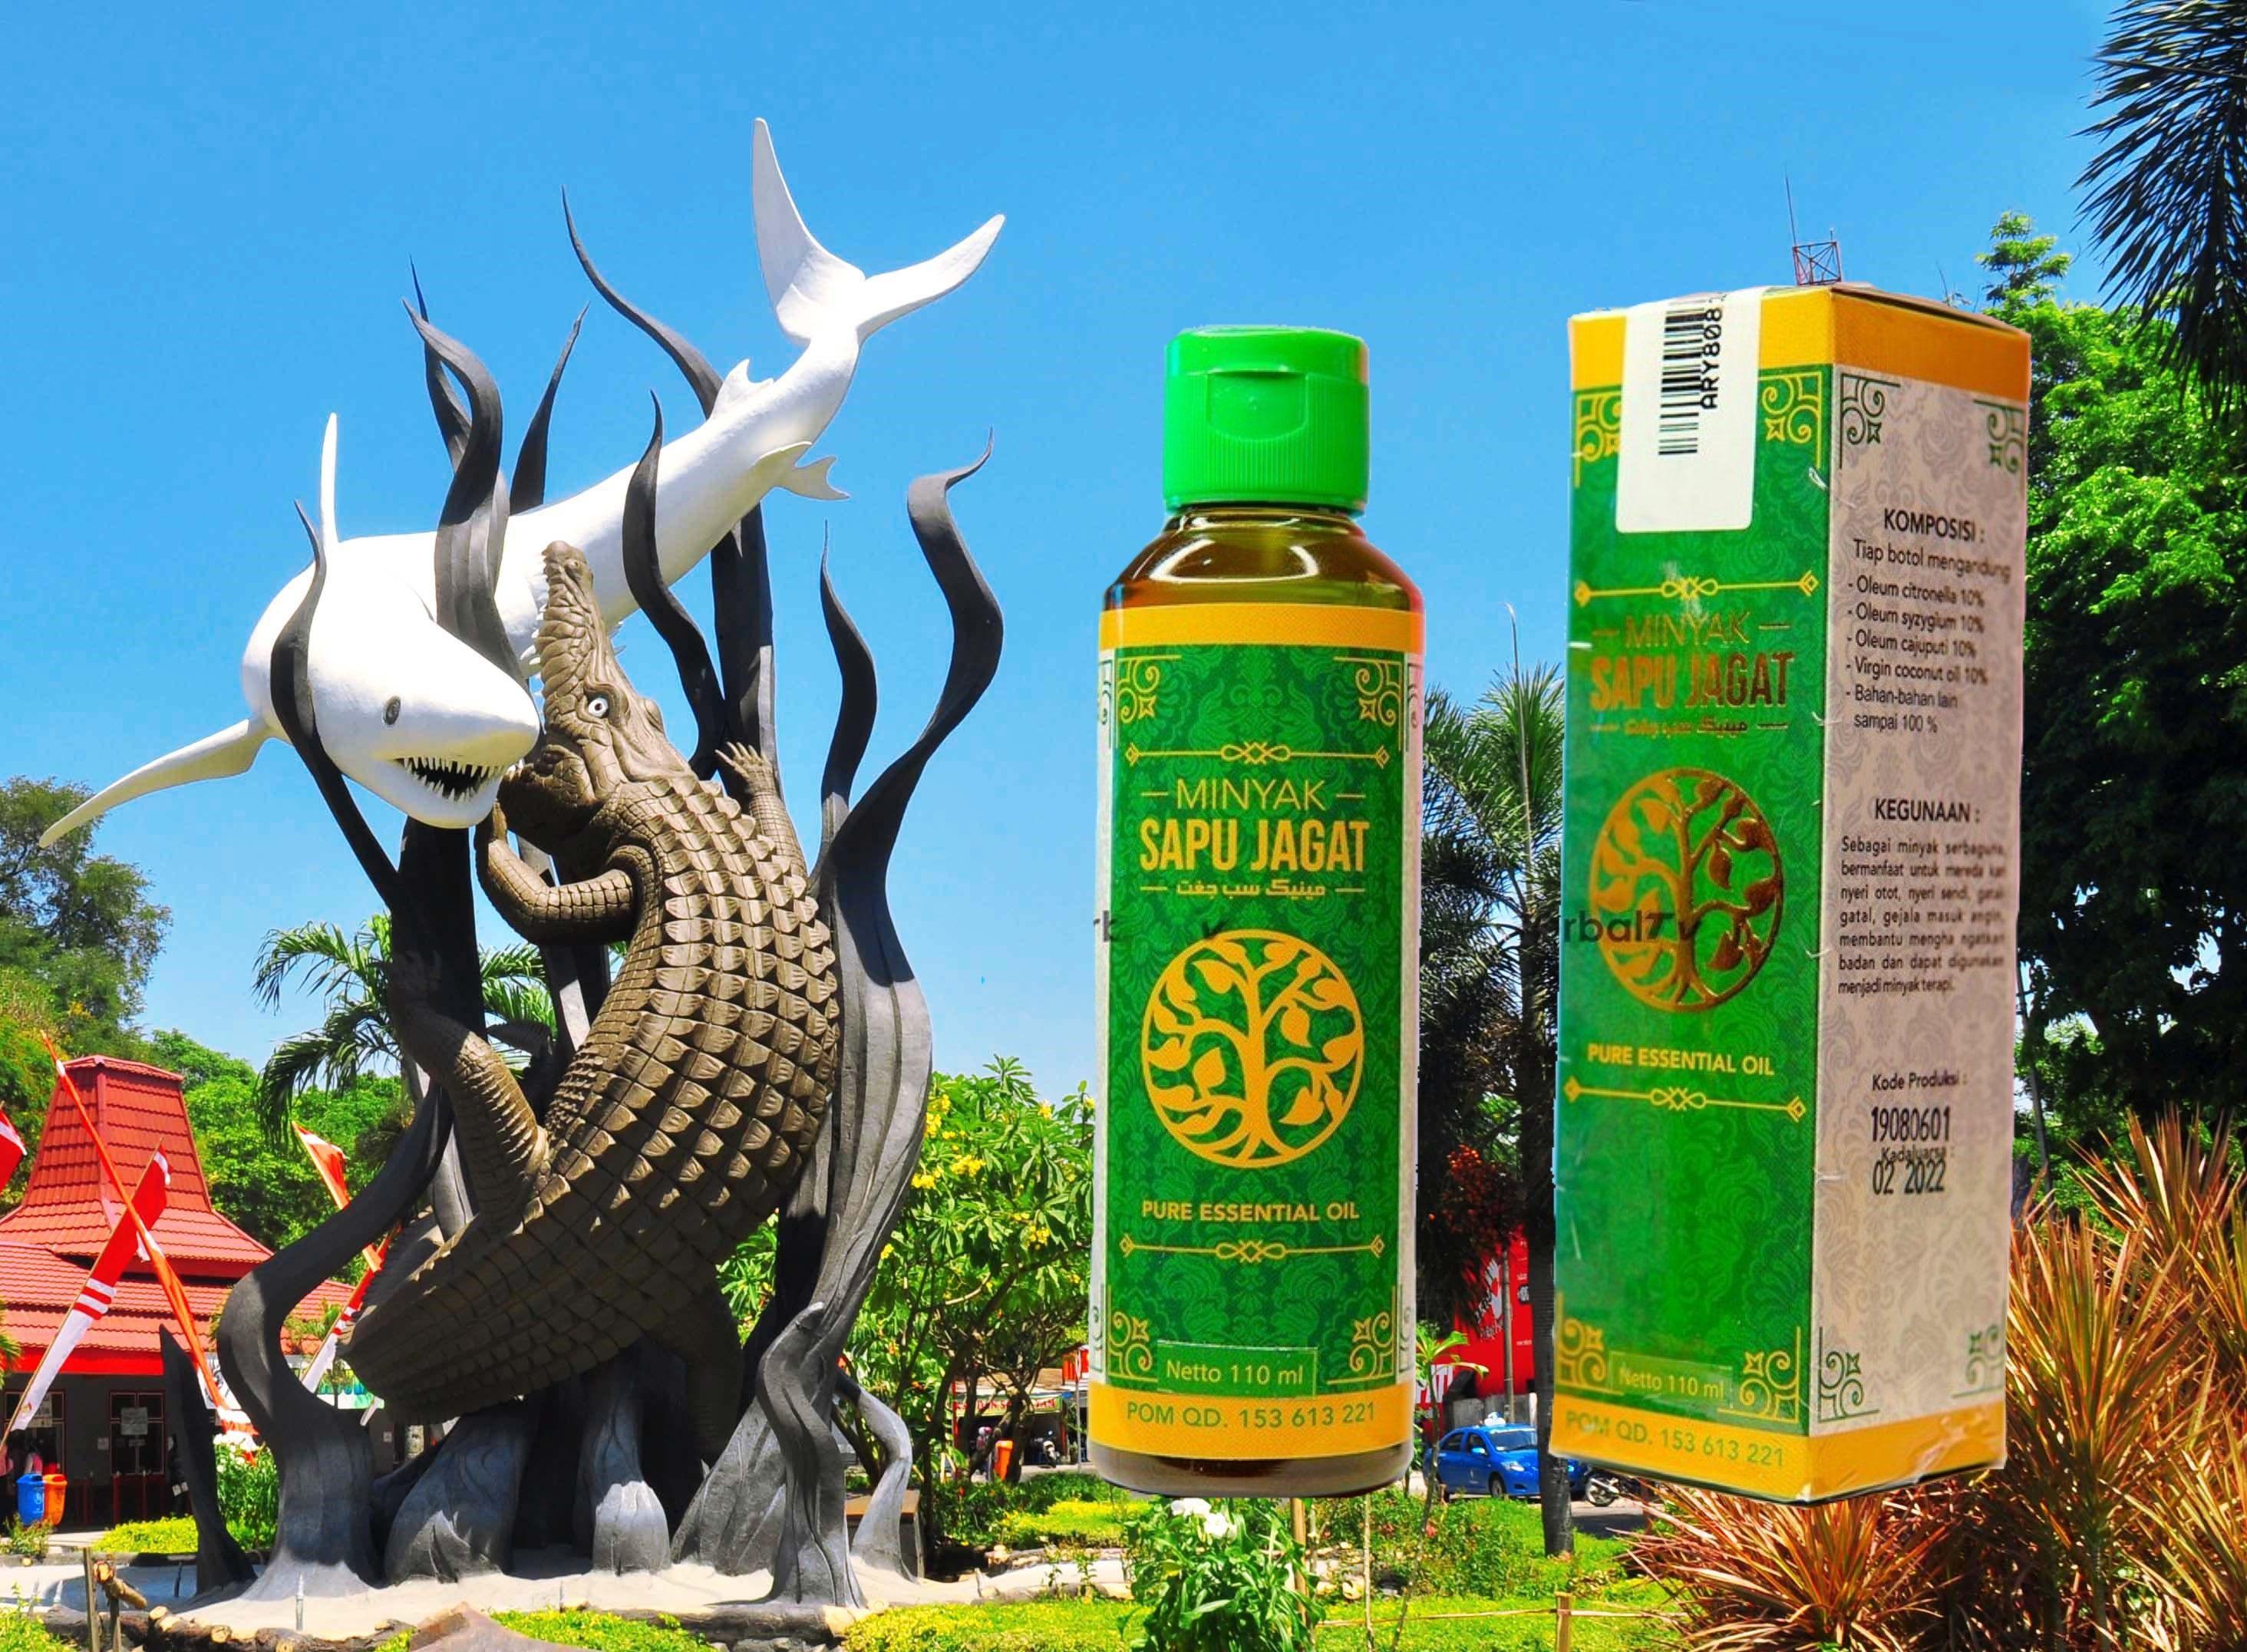 Toko Minyak Sapu Jagat Di Surabaya Jawa Timur Sapu Surabaya Resep Sehat